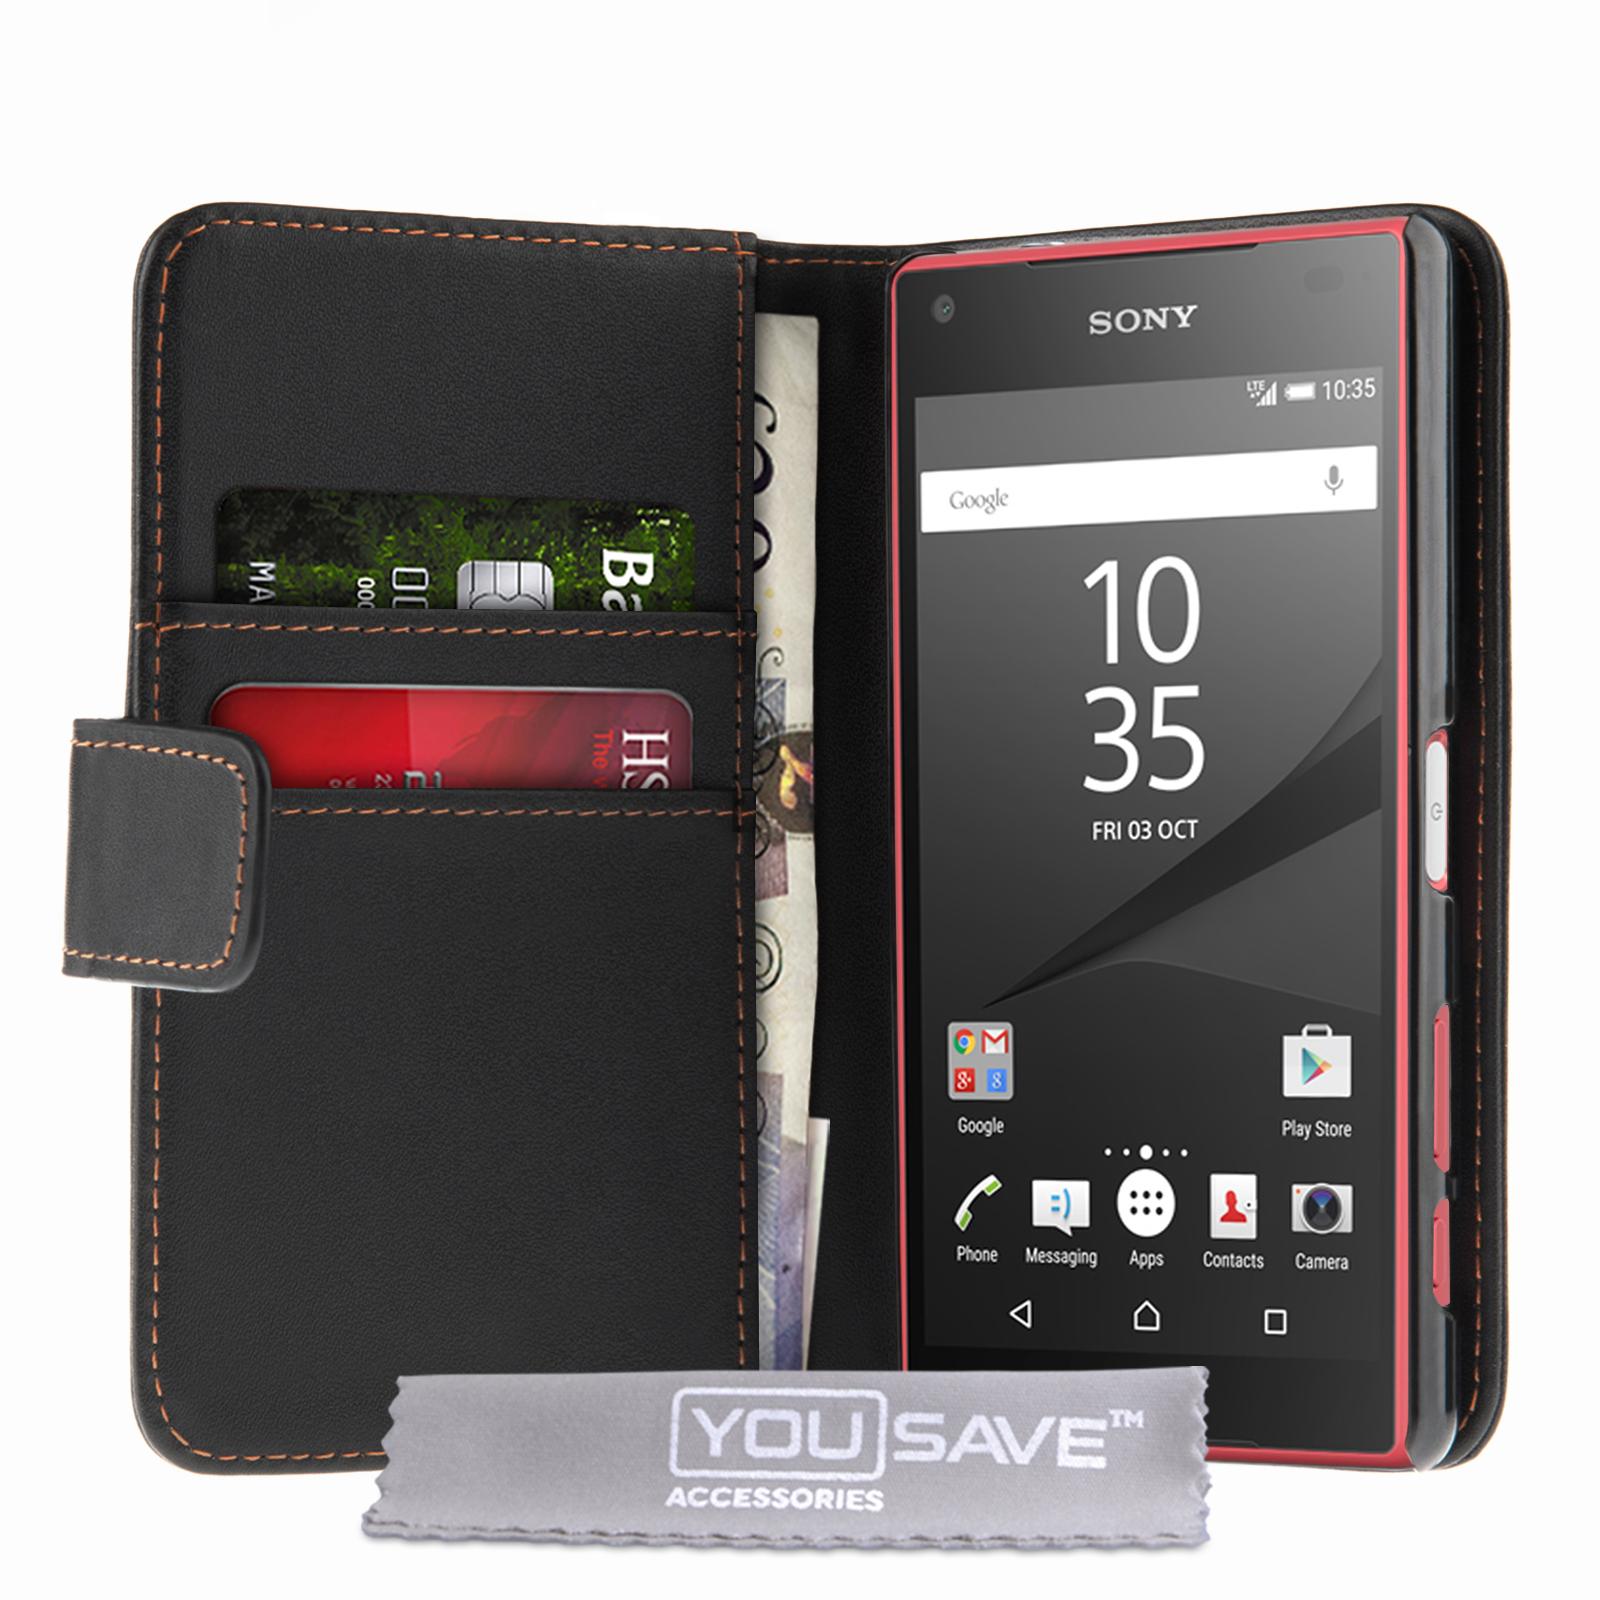 Θήκη Sony Xperia Z5 Compact - Πορτοφόλι by YouSave (Z548)